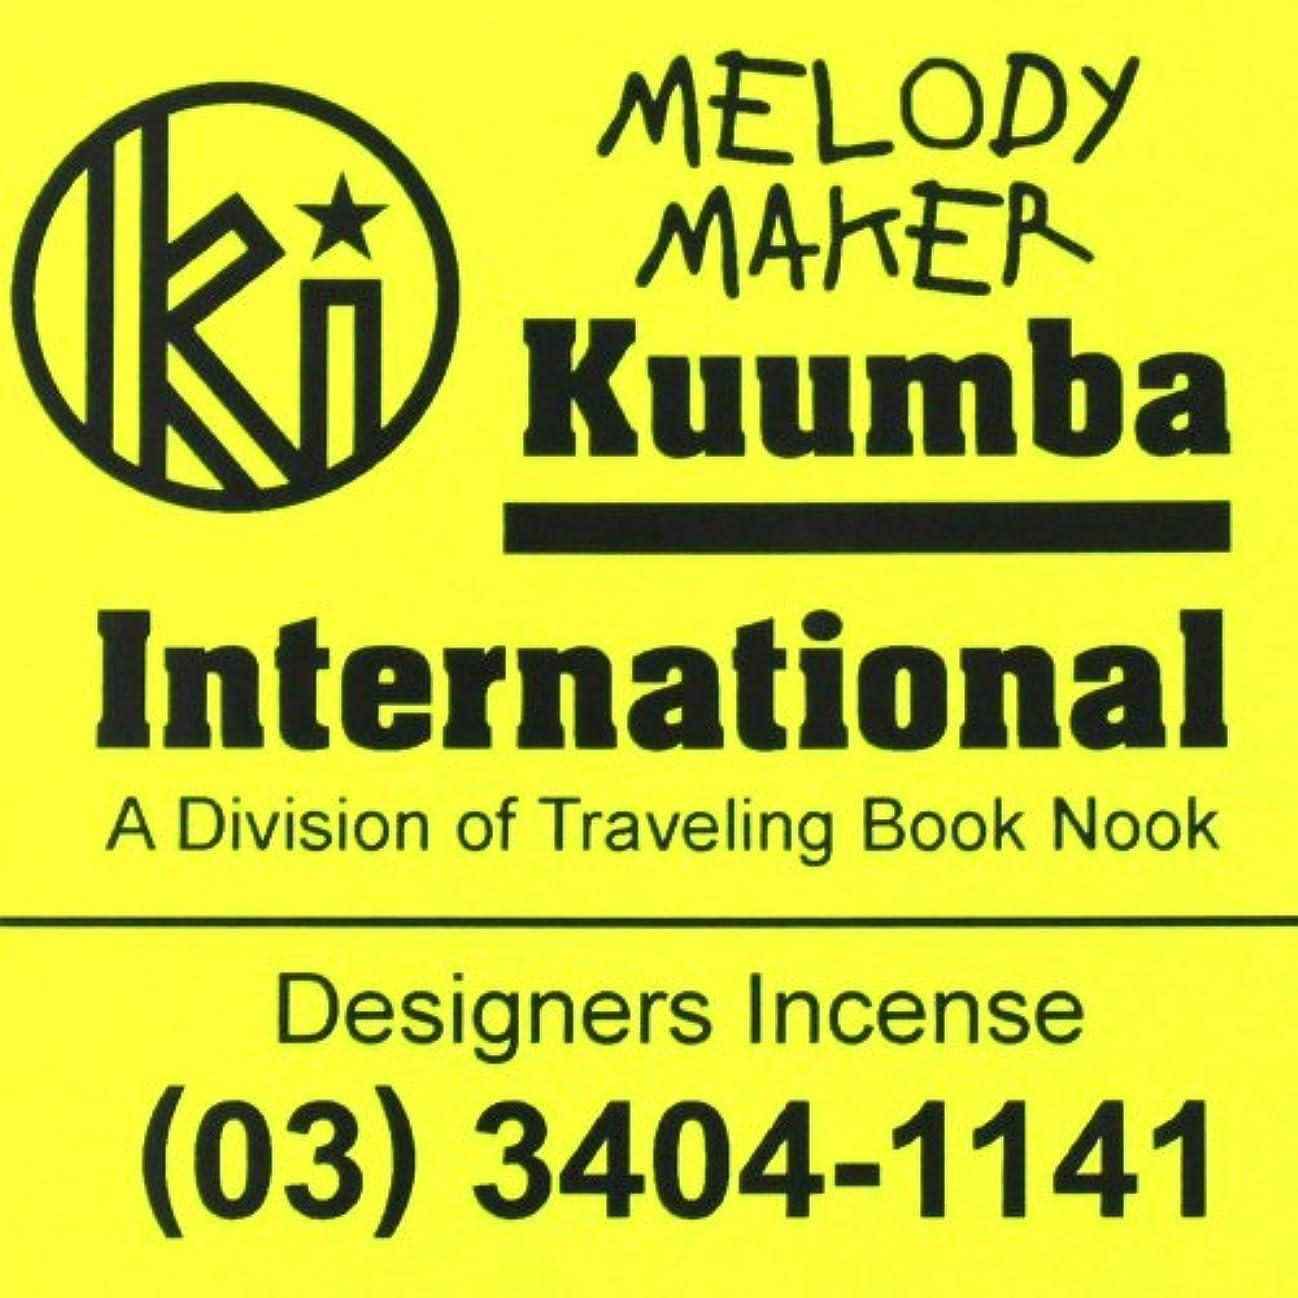 マグ放つめ言葉(クンバ) KUUMBA『classic regular incense』(MELODY MAKER) (Regular size)